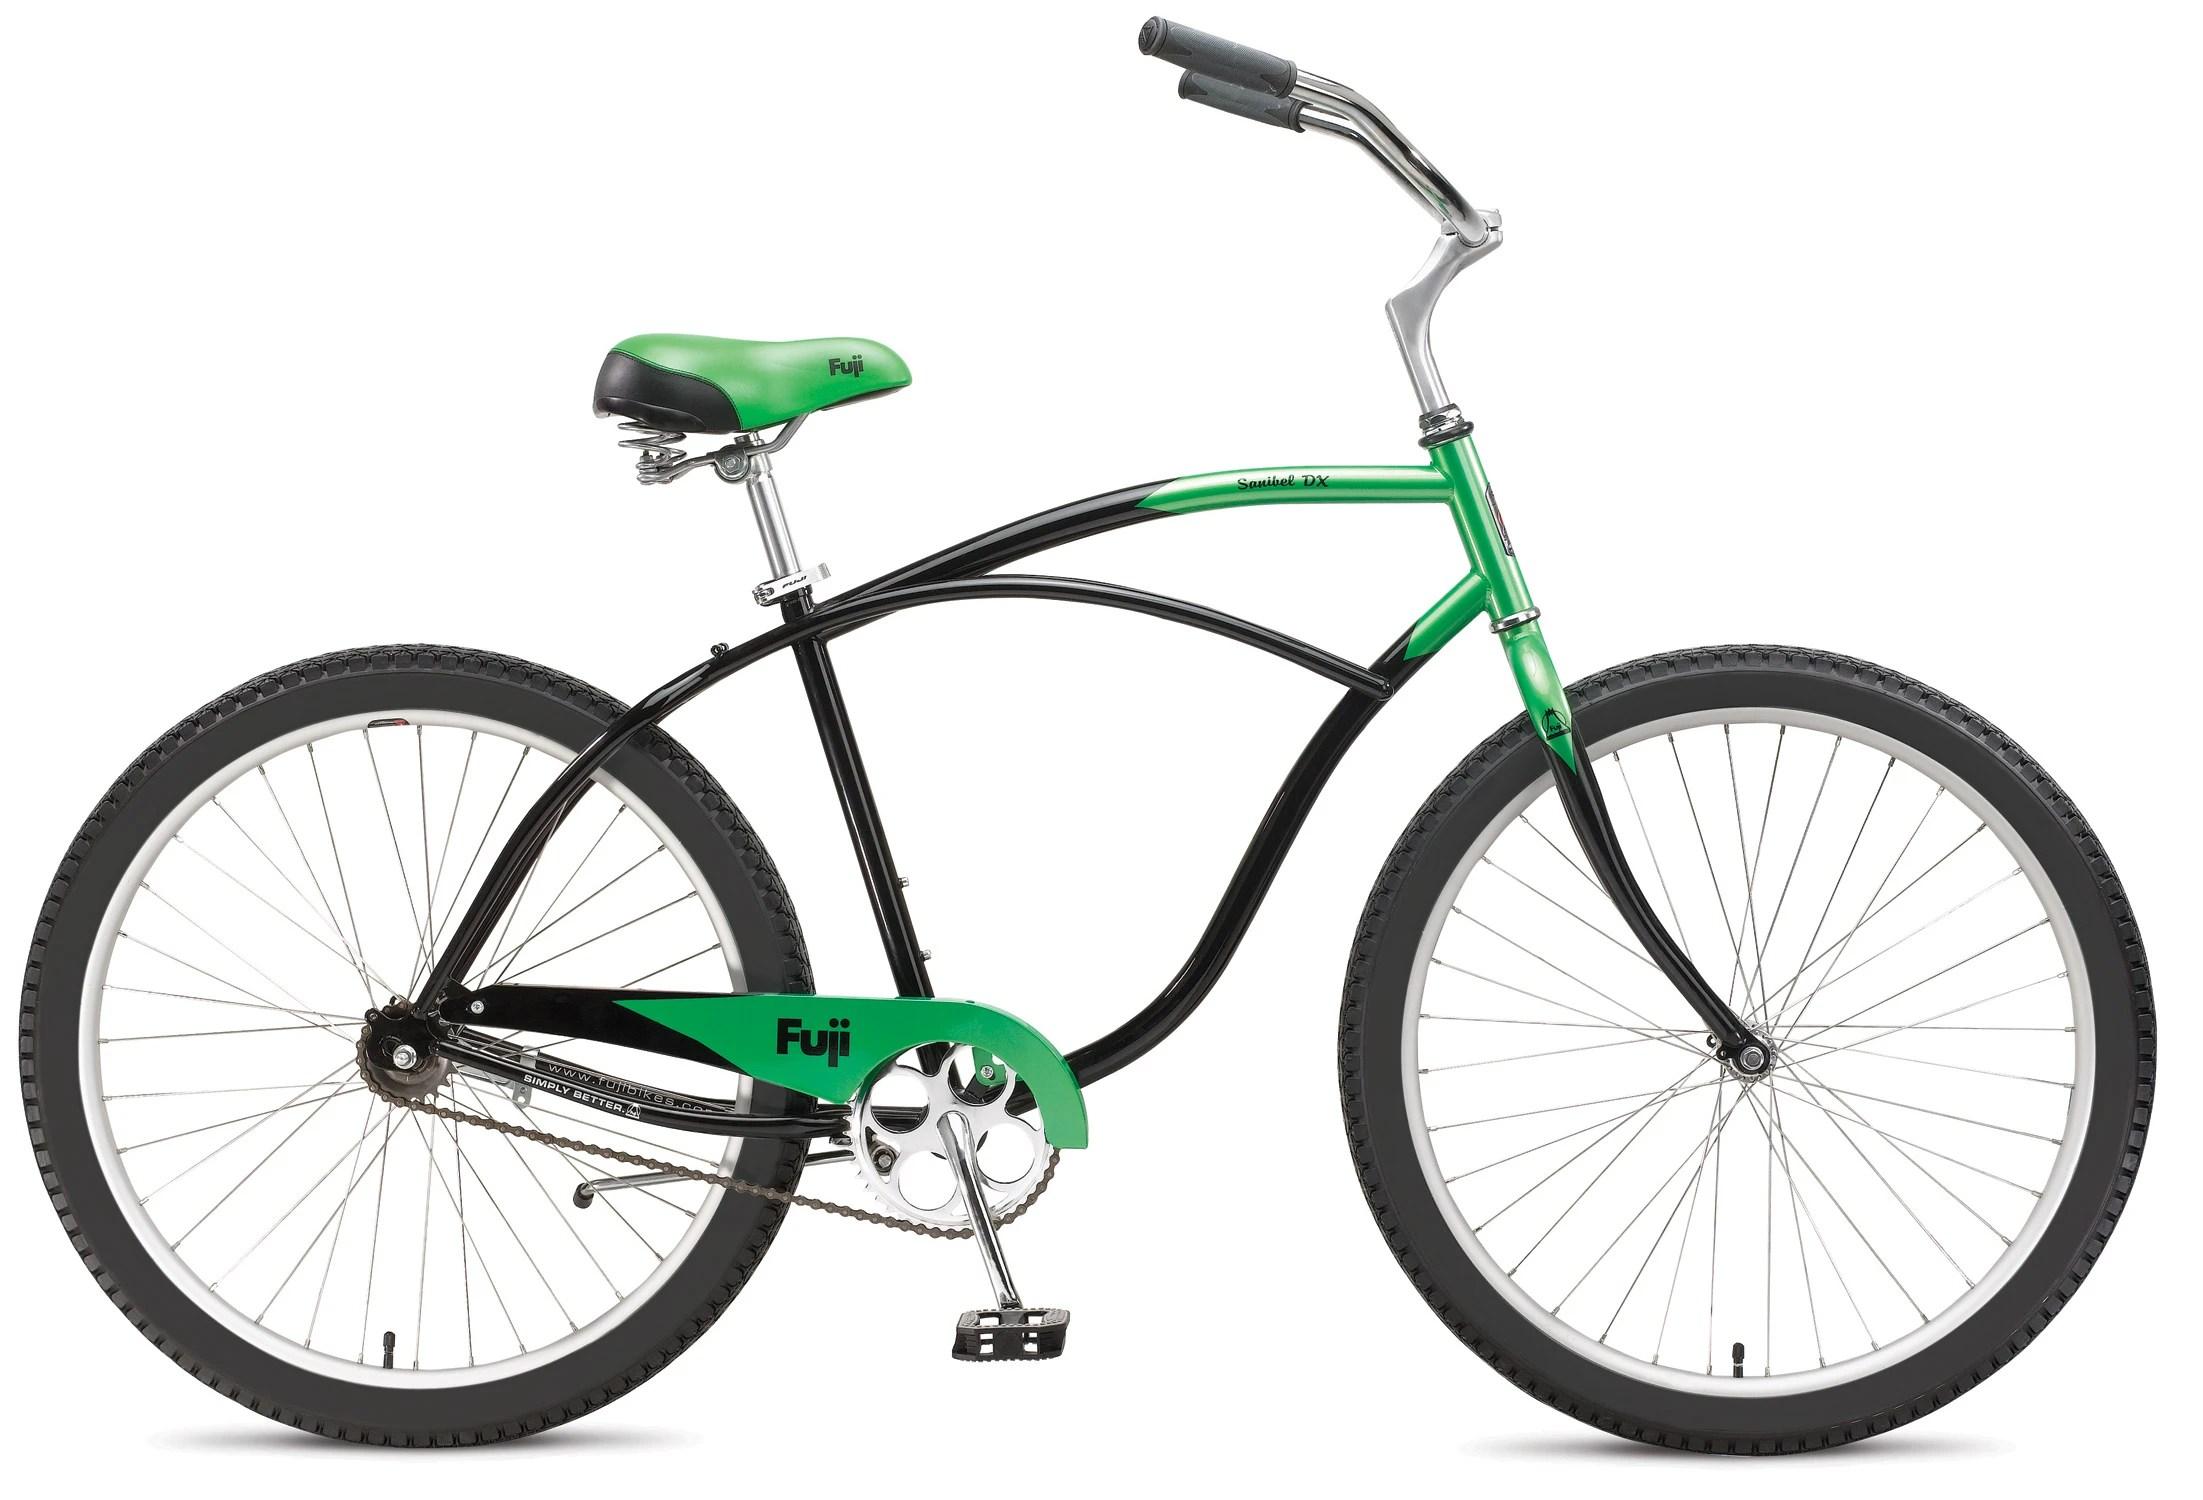 Fuji Sanibel Dx Bike